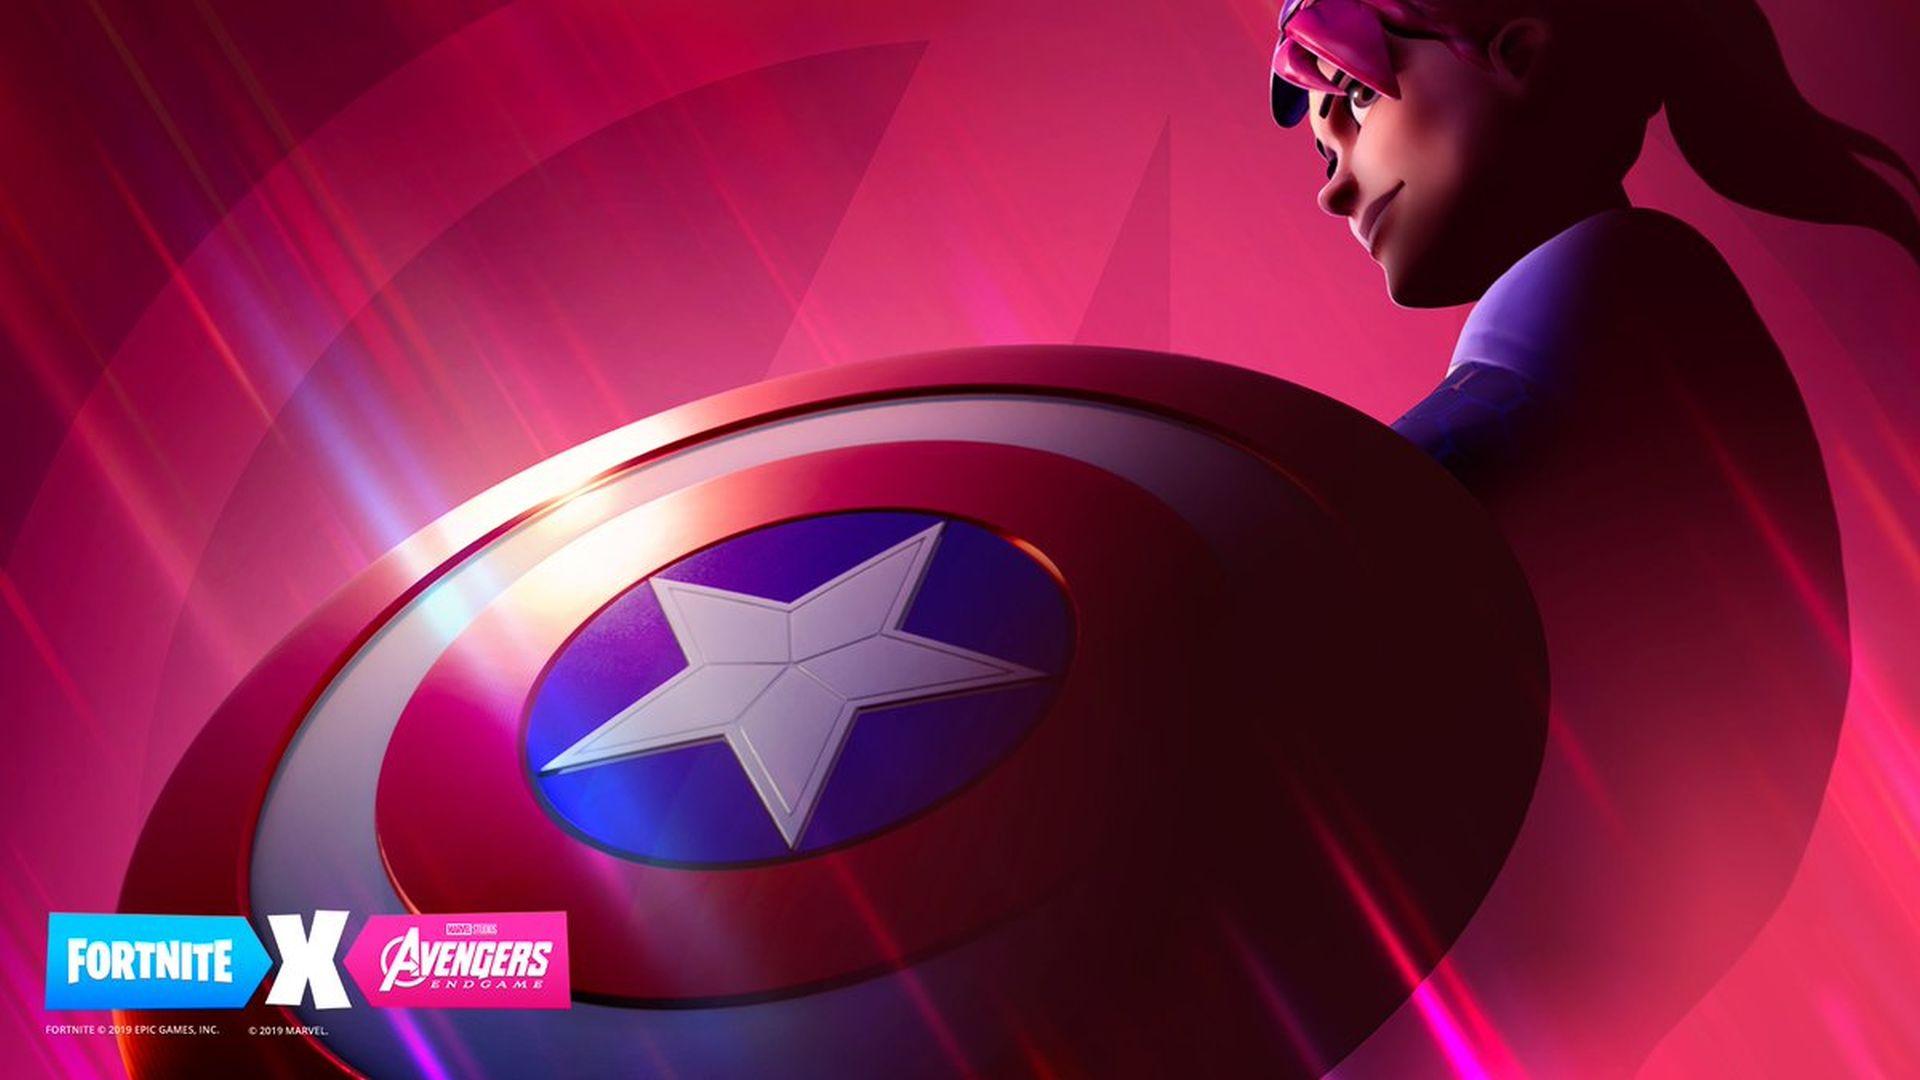 توییتر Fortnite به کراساوری با فیلم Avengers: Endgame اشاره کرده است